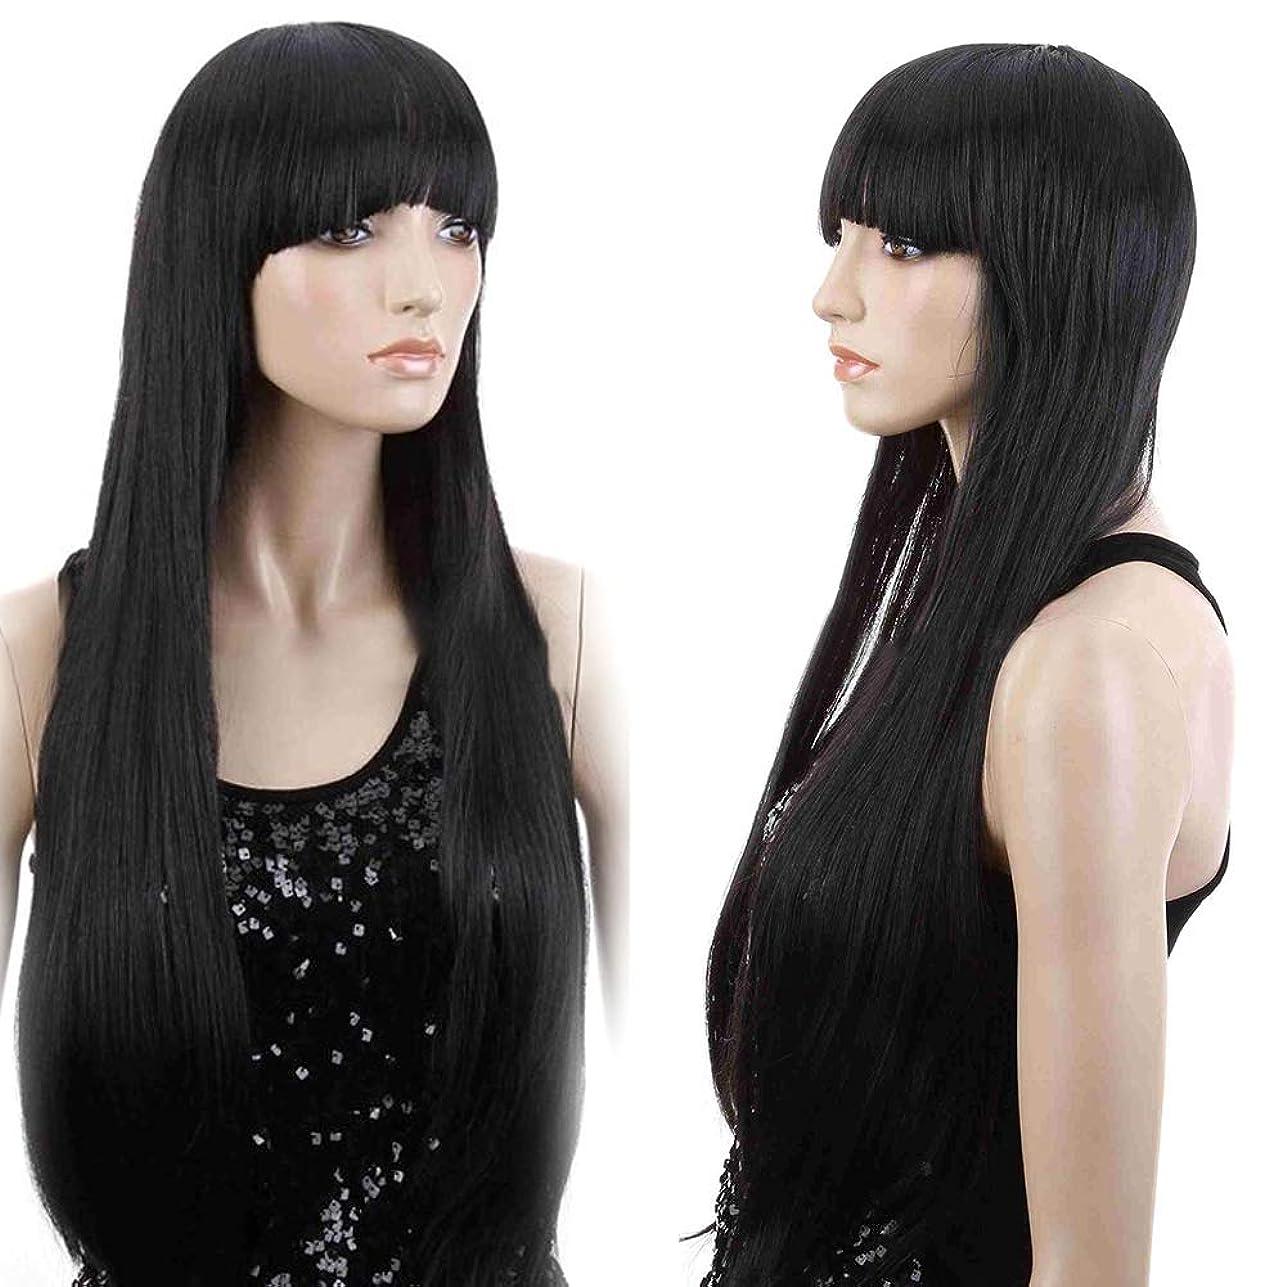 写真挨拶カートンslQinjiansav女性ウィッグ修理ツール女性前髪耐熱性ロングストレートウィッグコスプレパーティー合成ヘアピース